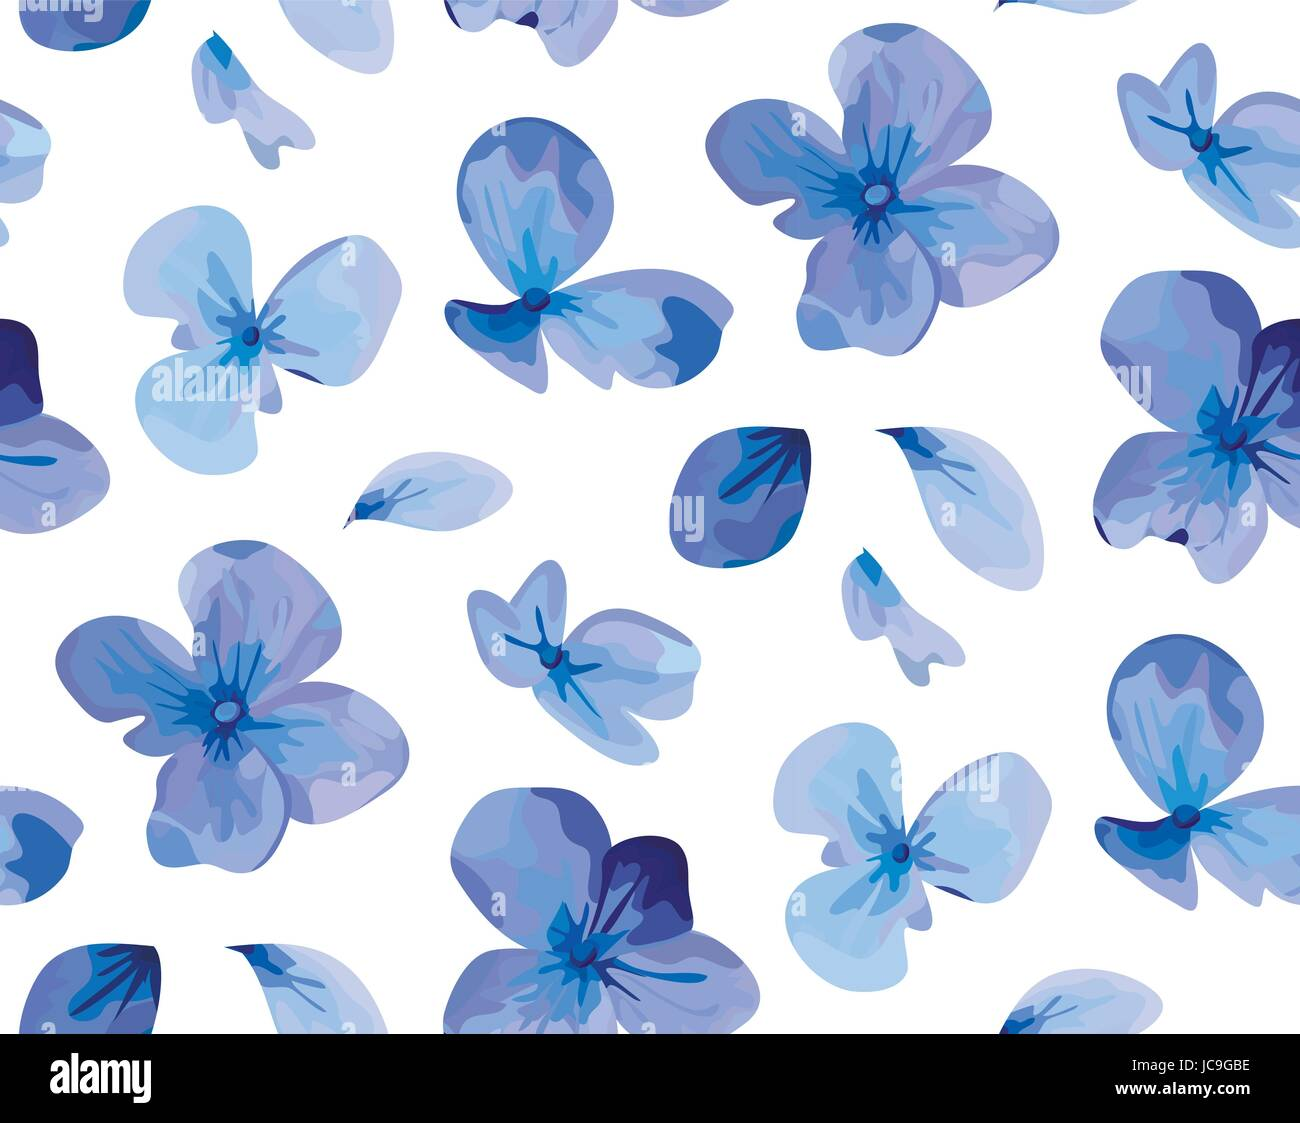 Hortensia flor vintage floral hydrangea azul p rpura for Jardin azul canal 9